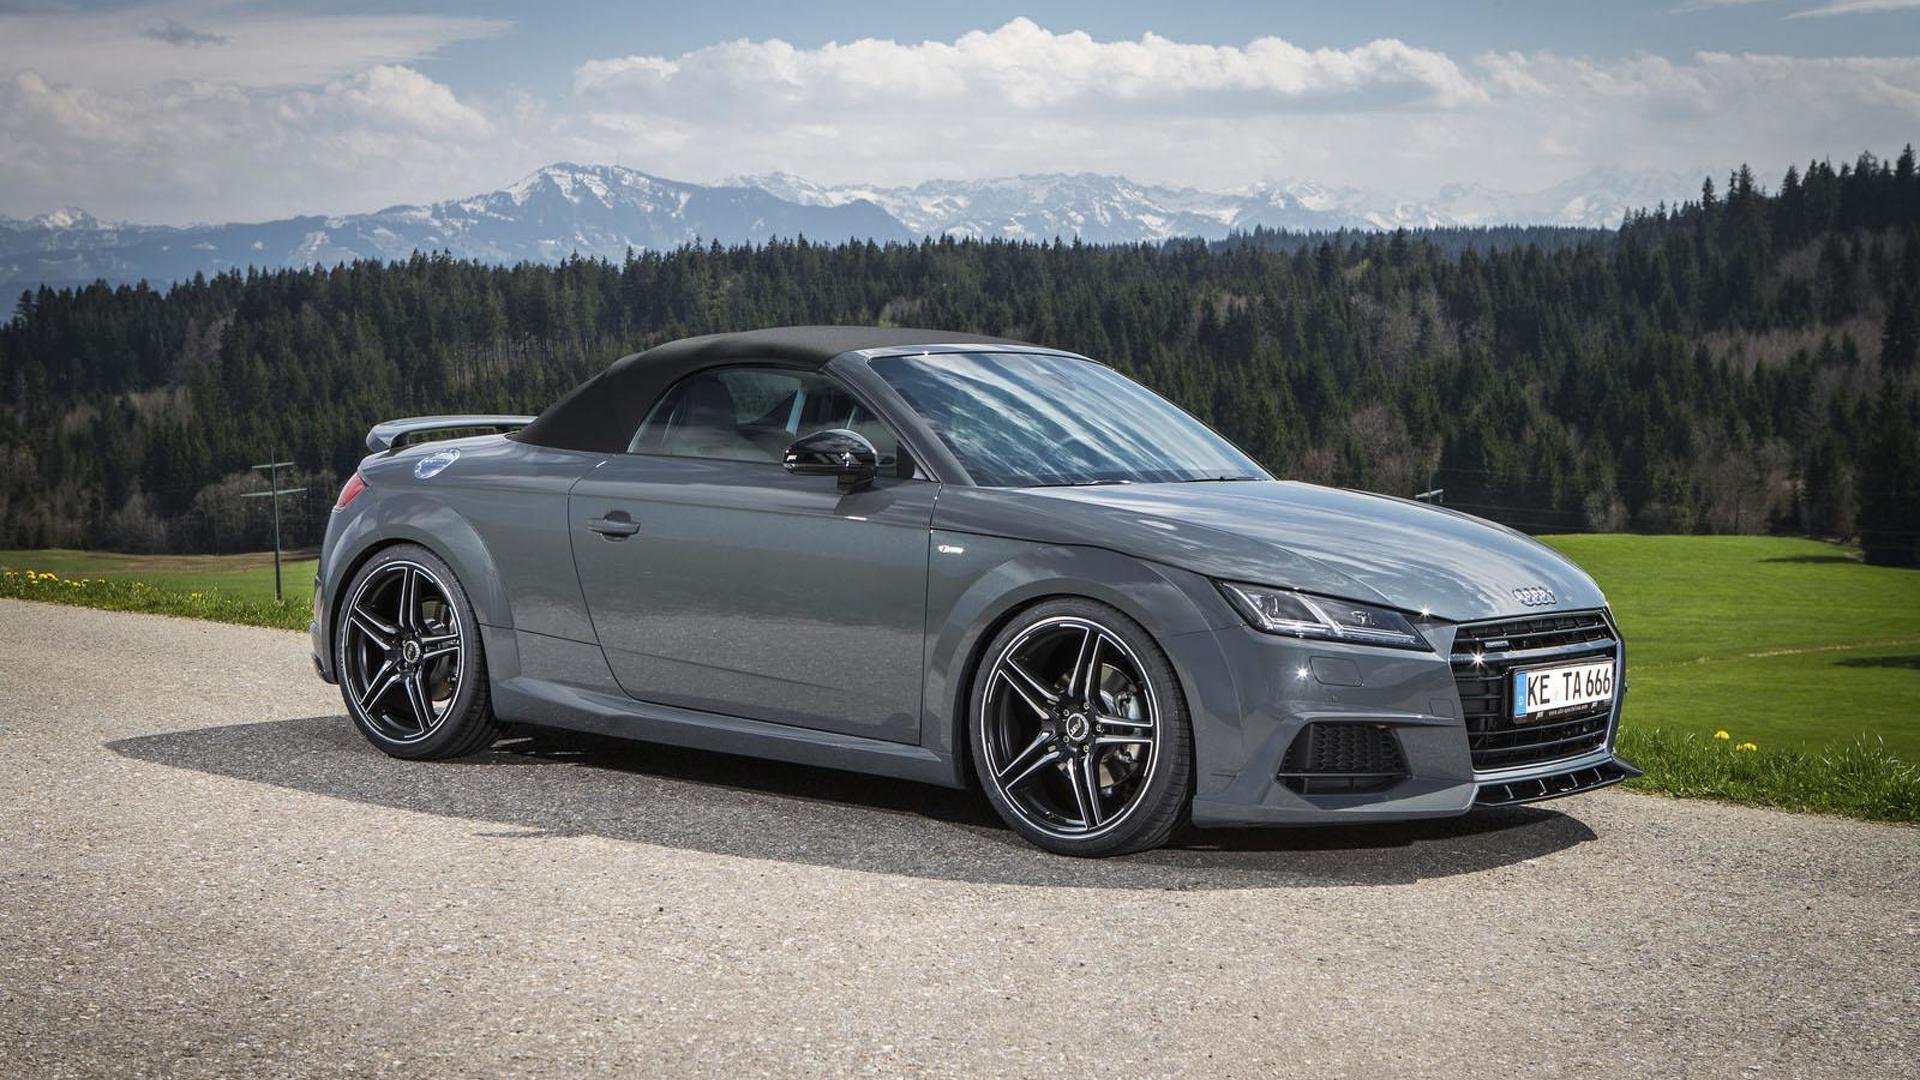 Audi TT Roadster News And Reviews Motorcom - Audi tt roadster